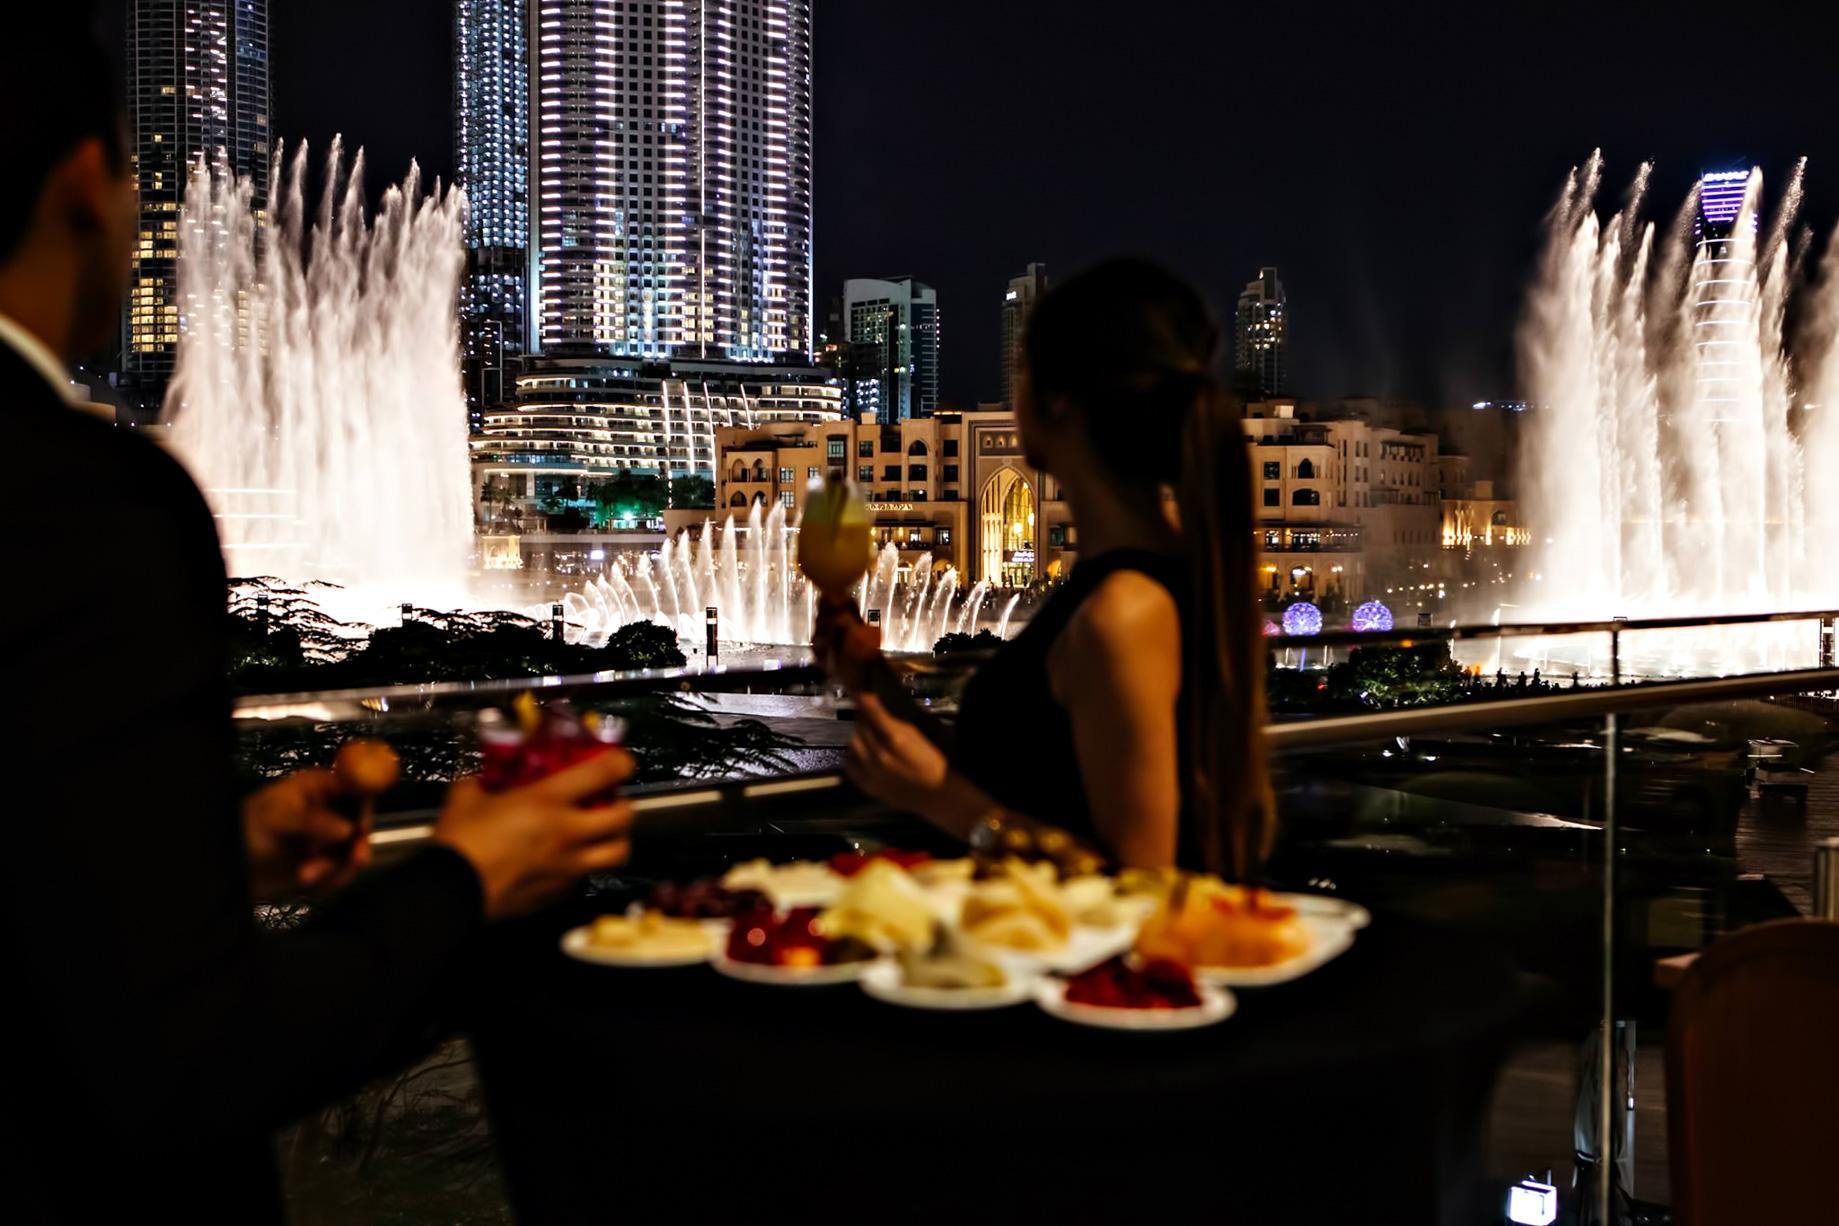 Armani Hotel Dubai - Burj Khalifa, Dubaï, Émirats arabes unis - Salle à manger avec vue sur la fontaine